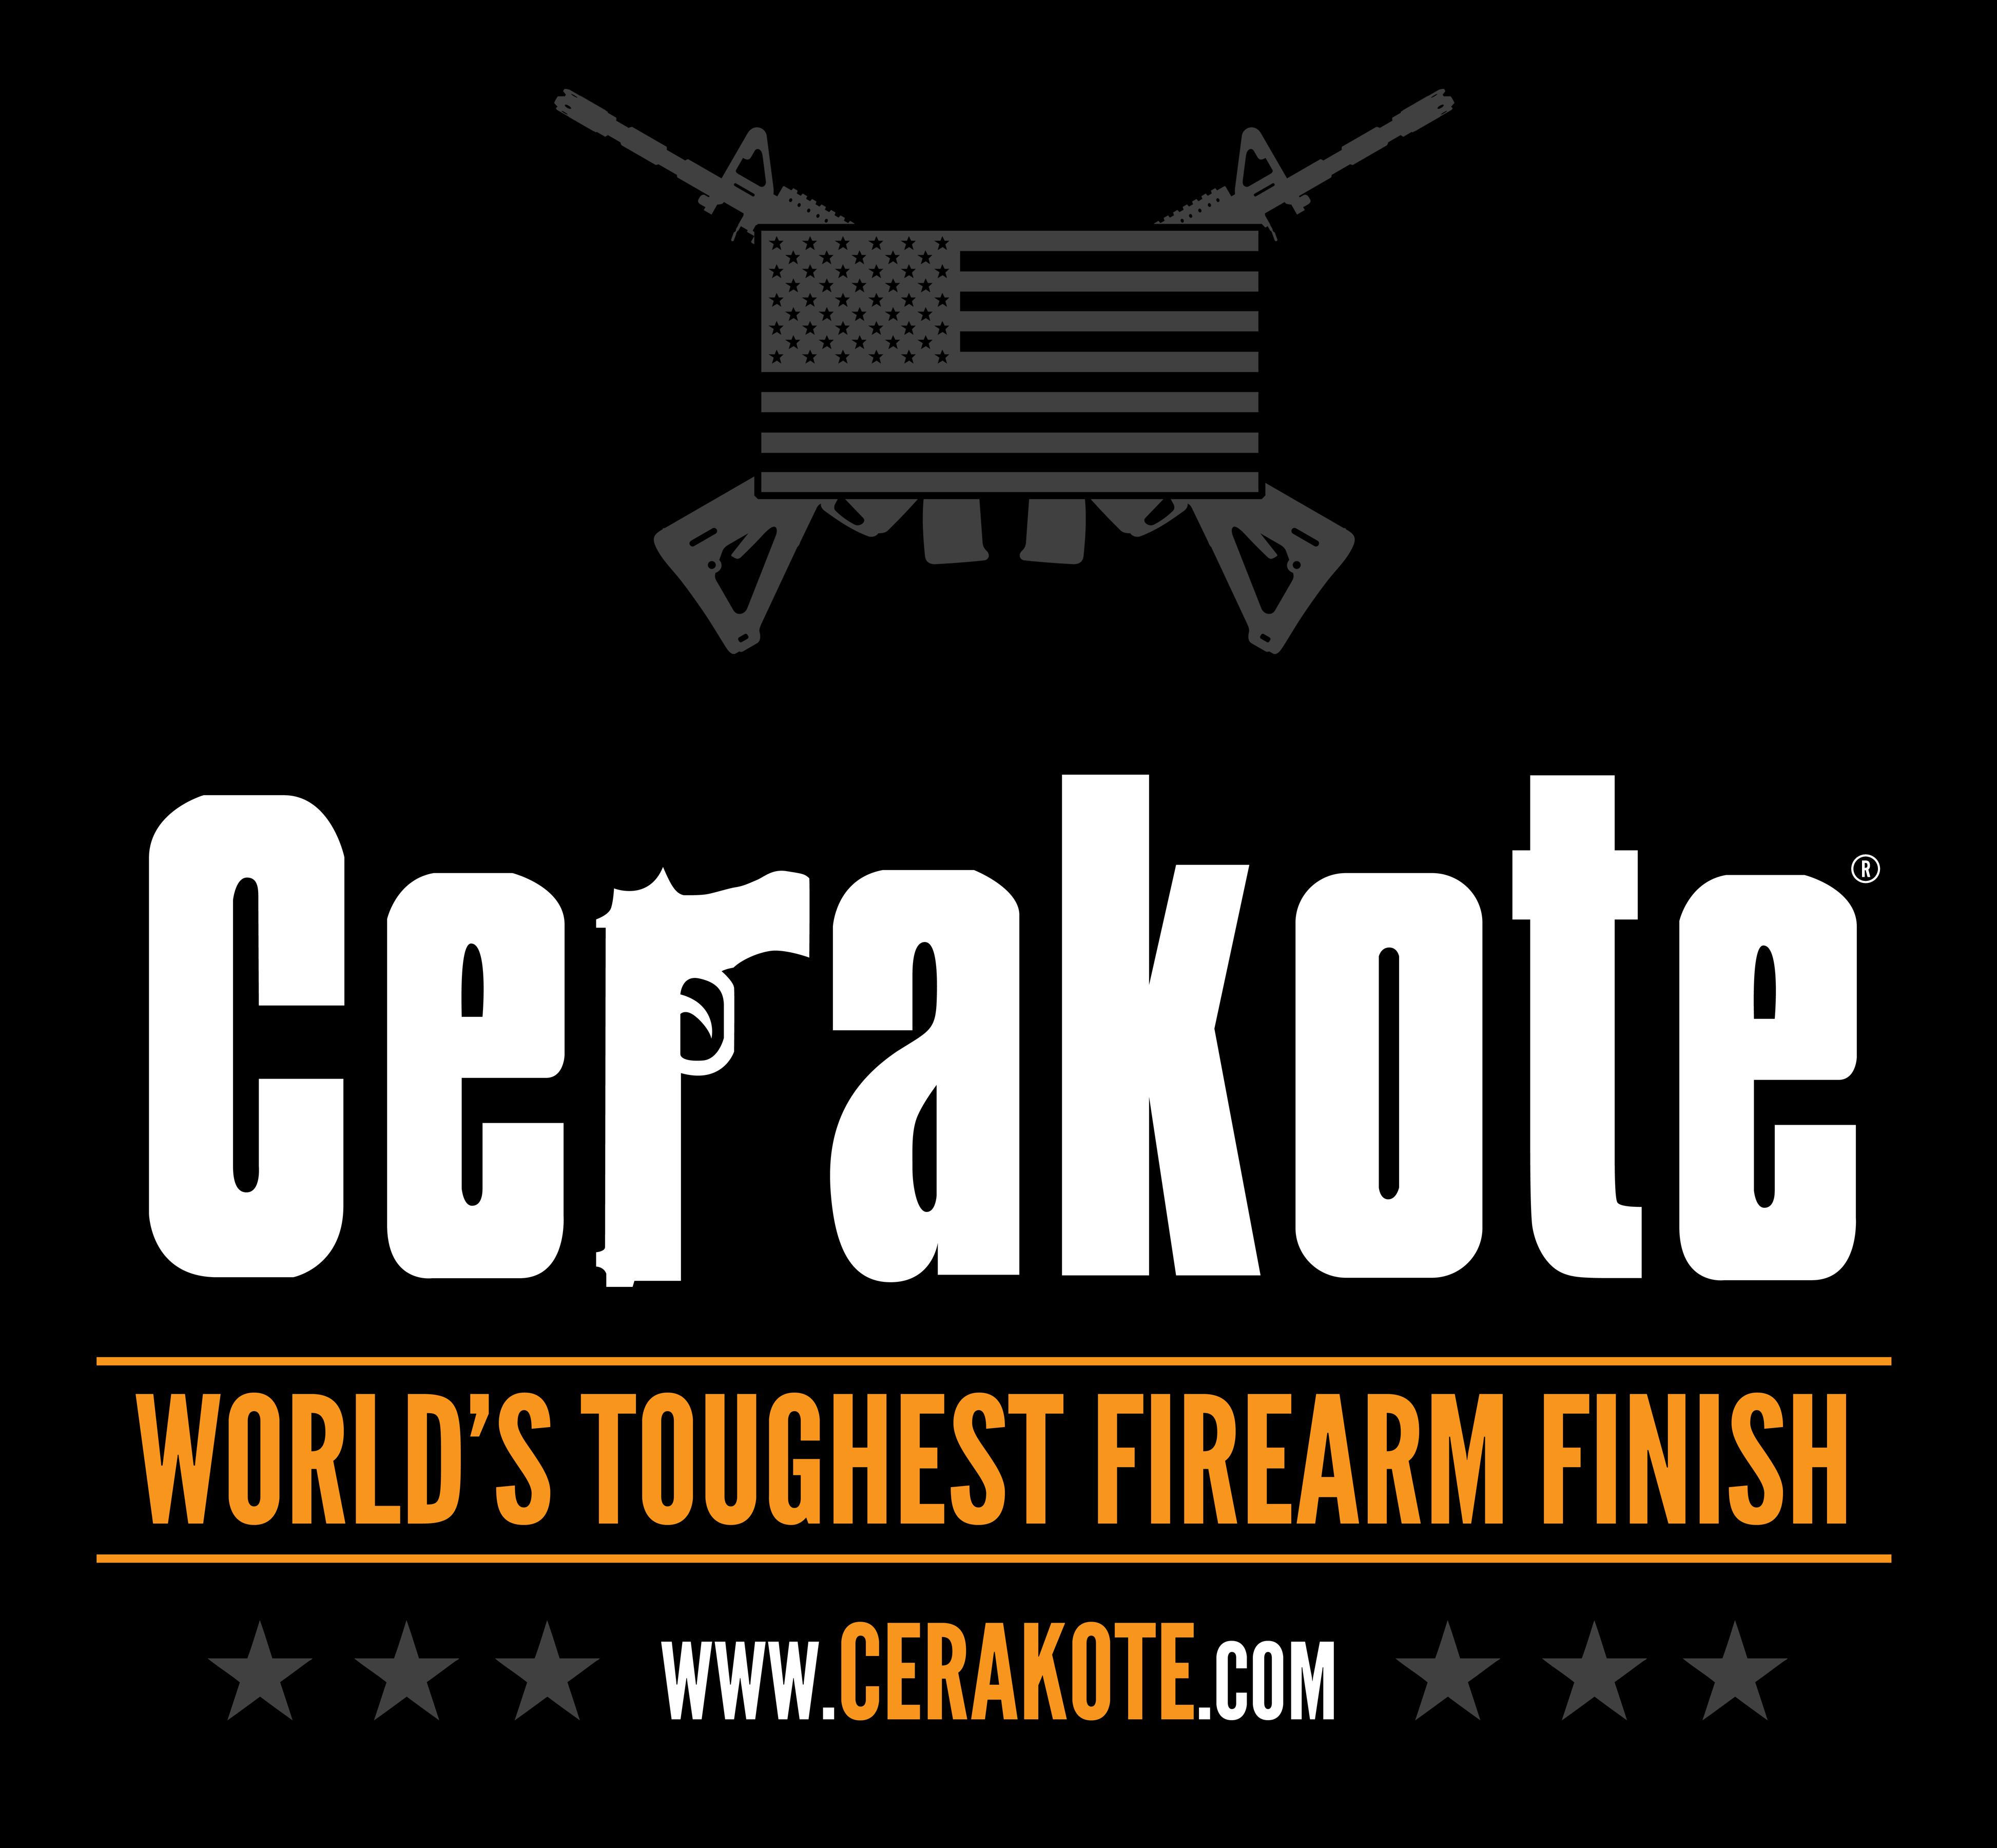 Cerakote-FlagGunsStars-BIG-12x12